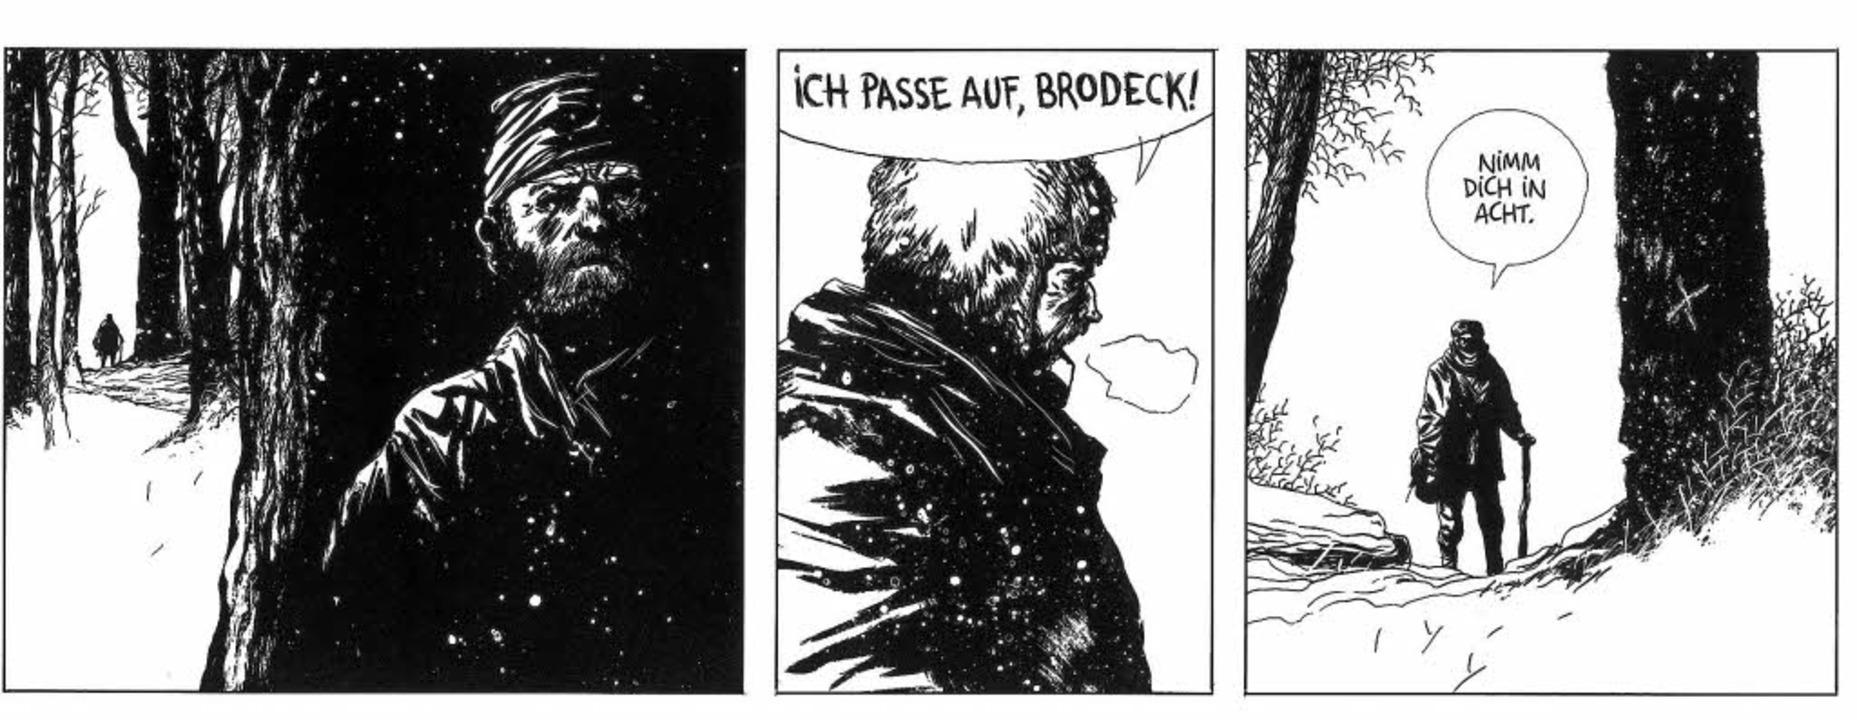 Atemberaubendes Gespür für Motive und ...rcenets meisterhafter Comic-Adaption    | Foto: Manu Larcenet